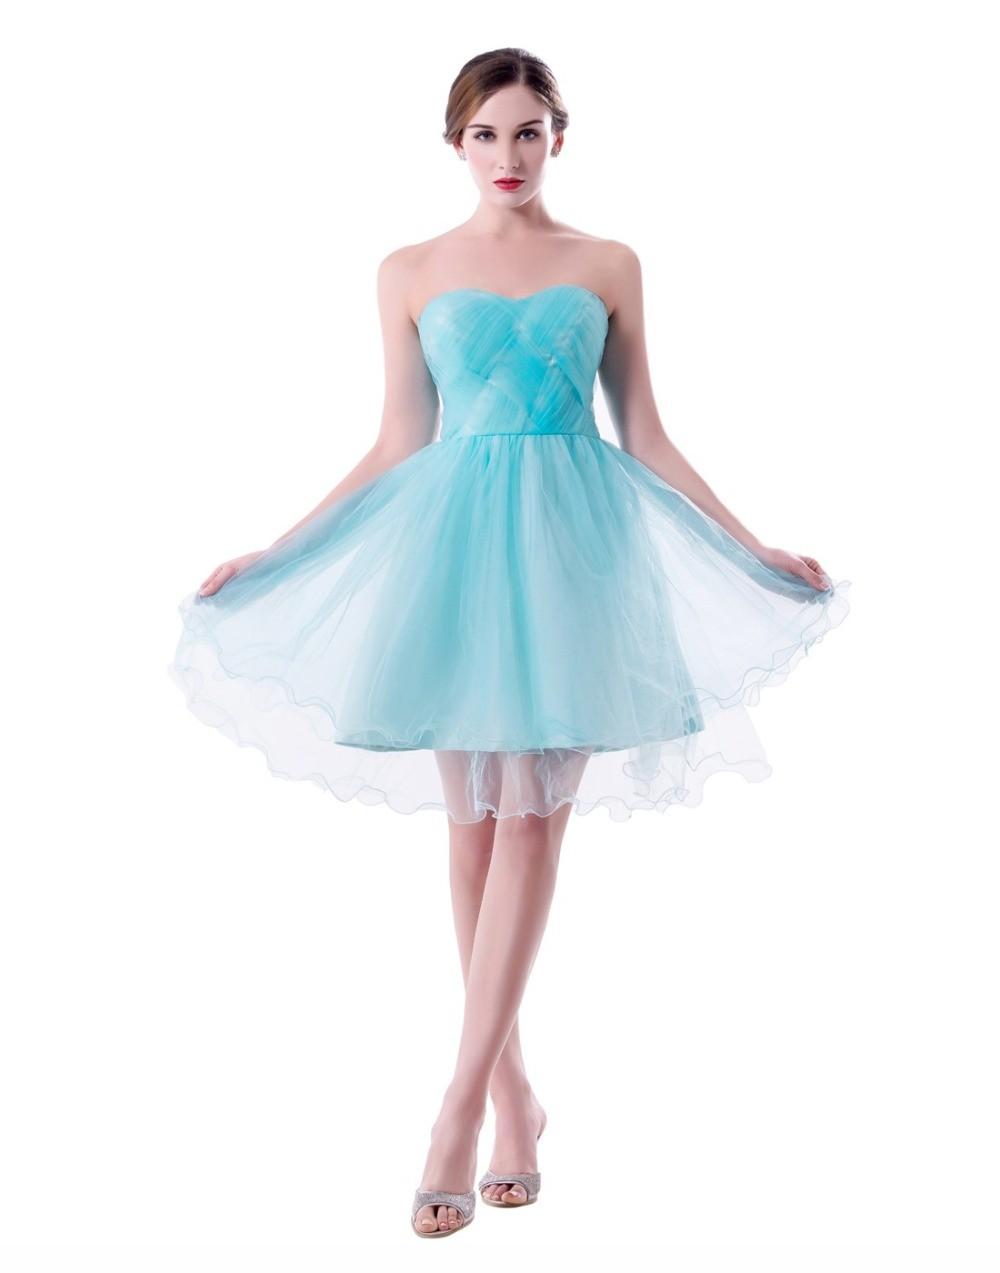 Цветовая палитра вплатьях весна лето 2018: летние платья, бирюзового цвета